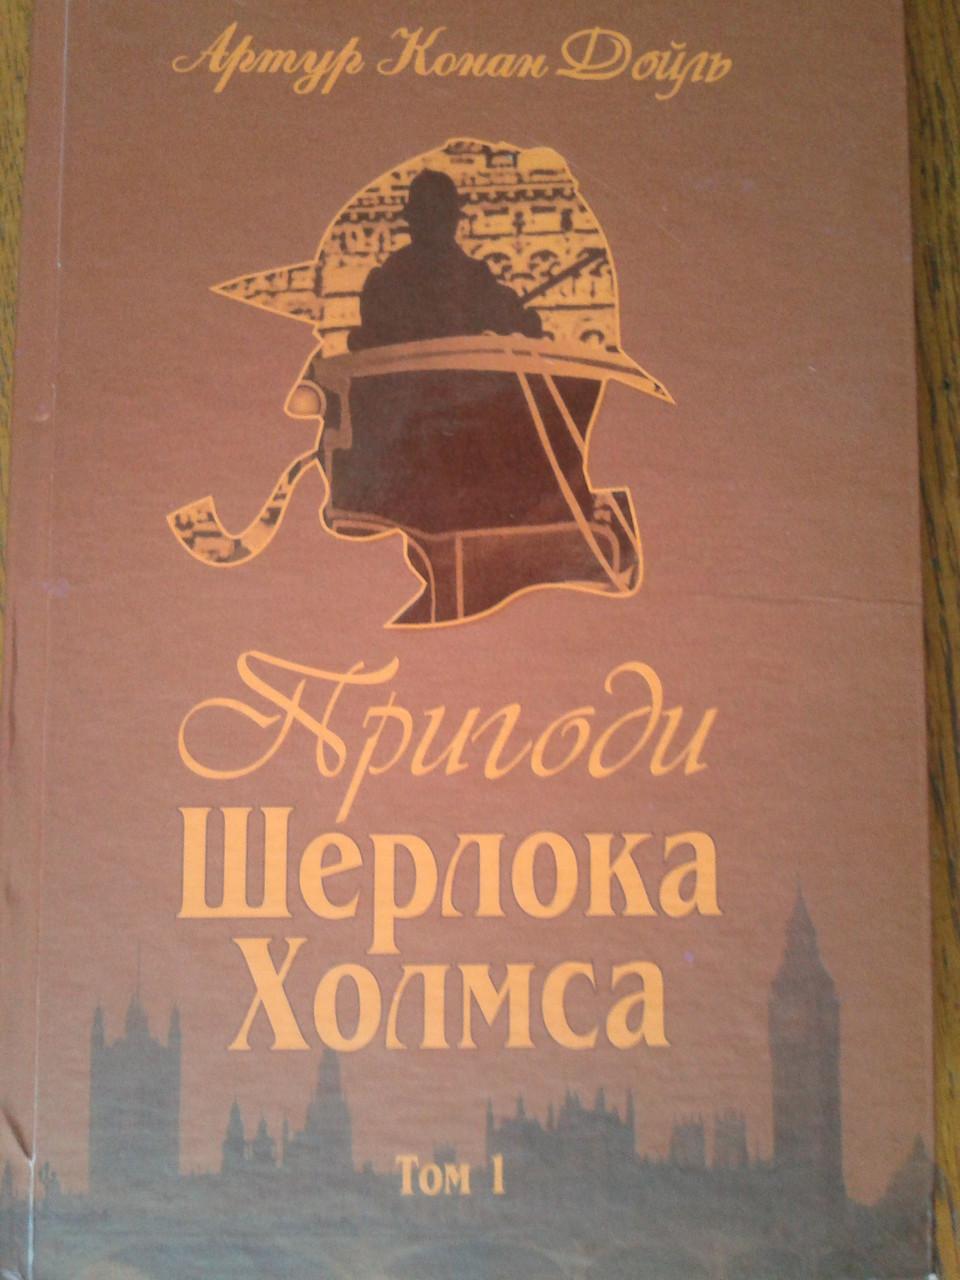 Пригоди Шерлока Холмса — збірник англійського письменника сера Артура Конан-Дойля, котрий містить 12 детективних оповідань, де головним героєм є Шерлок Холмс та його друг і колега Джеймс Вотсон.